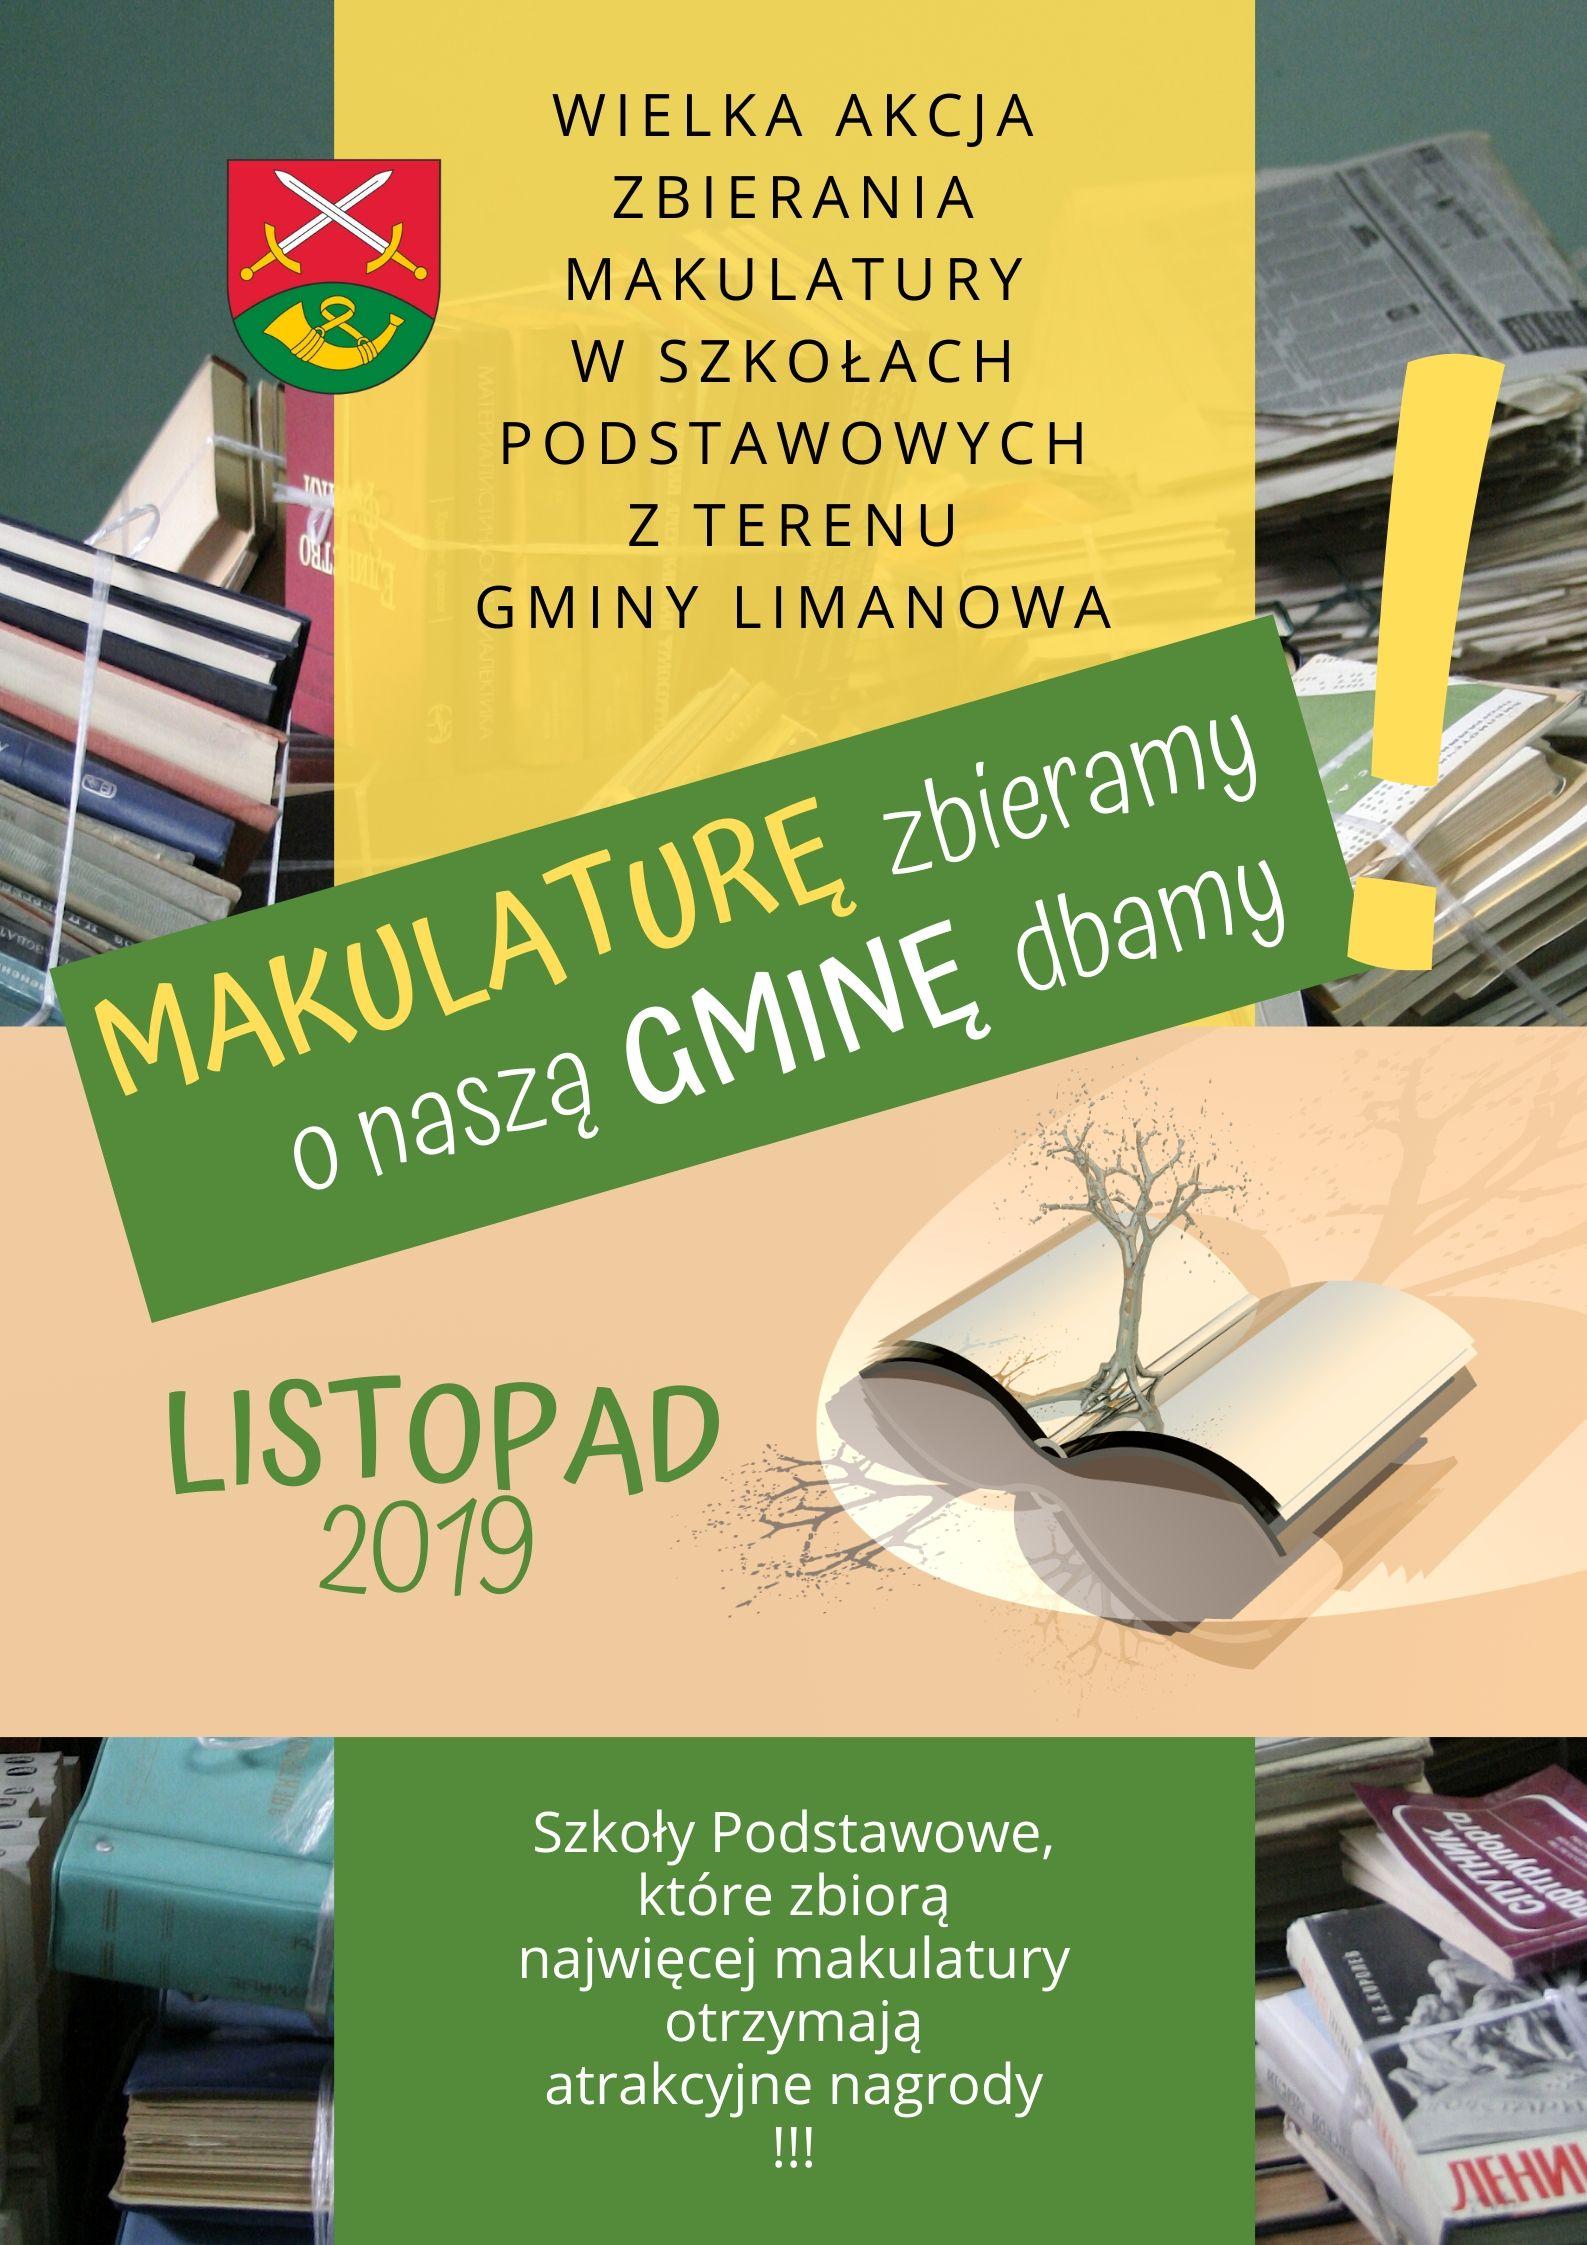 Konkursowa zbiórka makulatury  dla szkół z terenu gminy Limanowa - zdjęcie główne